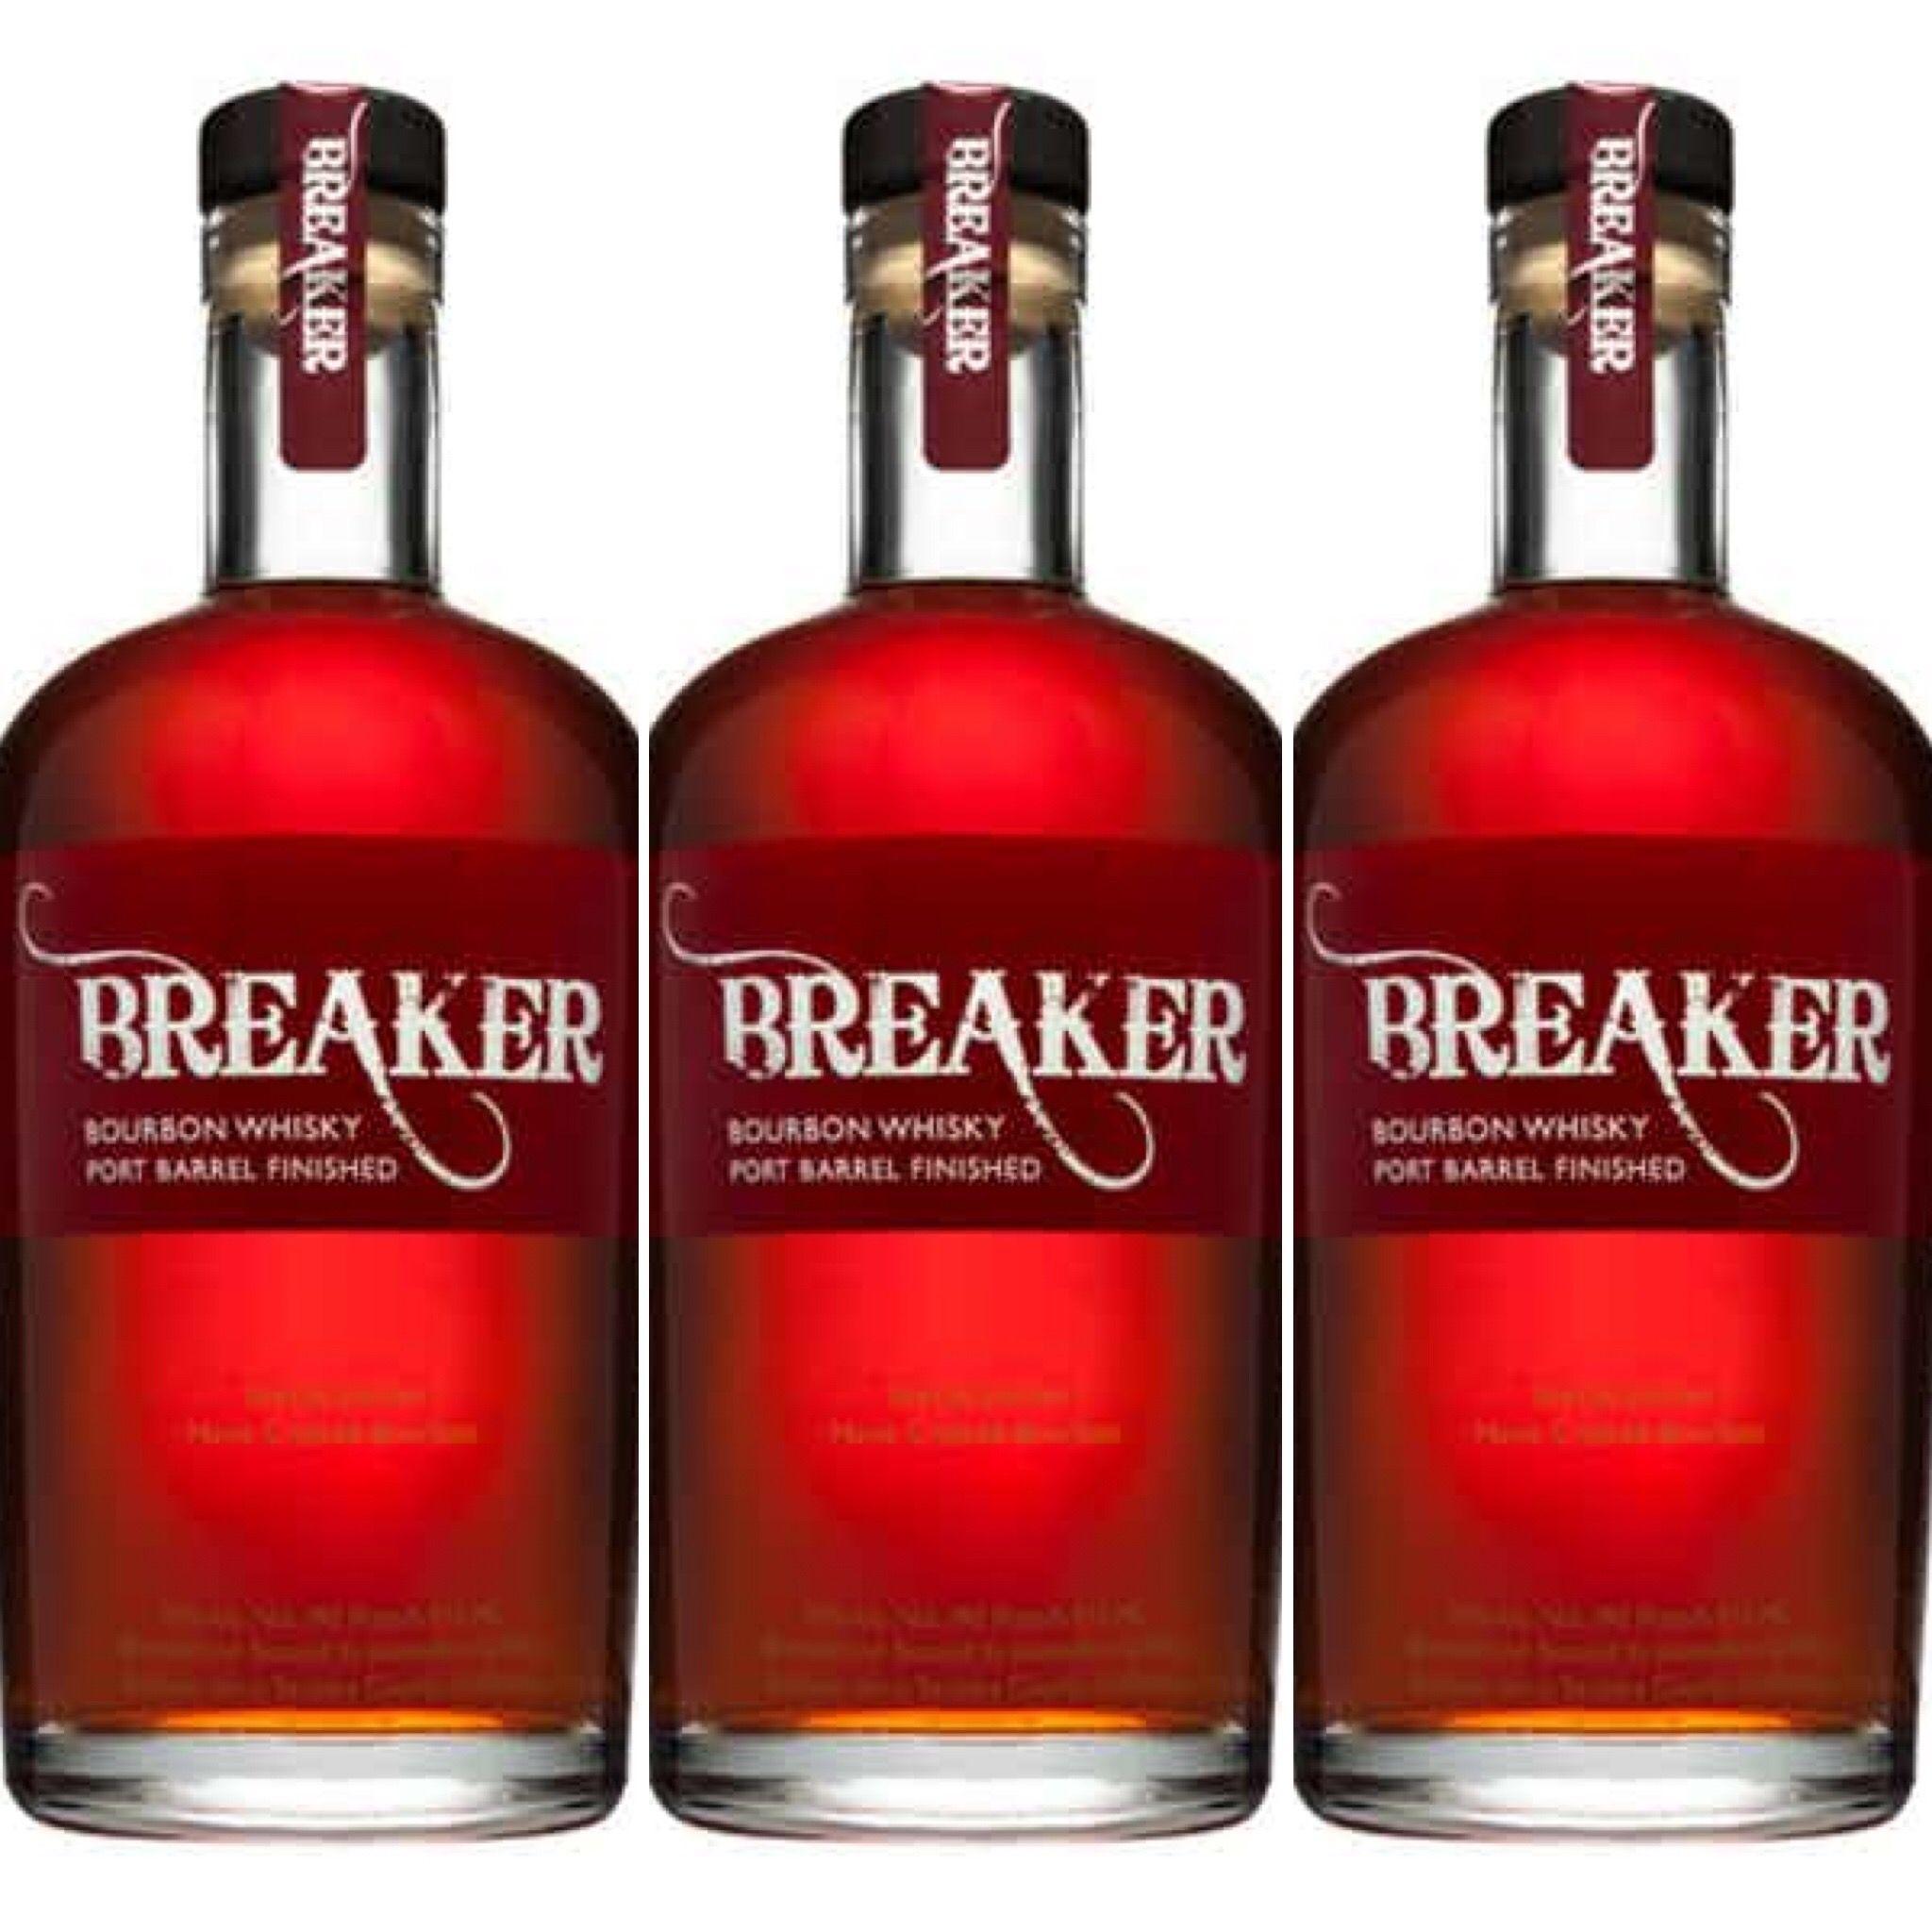 Breaker Bourbon Wine Bottle Alcohol Bottles Bourbon